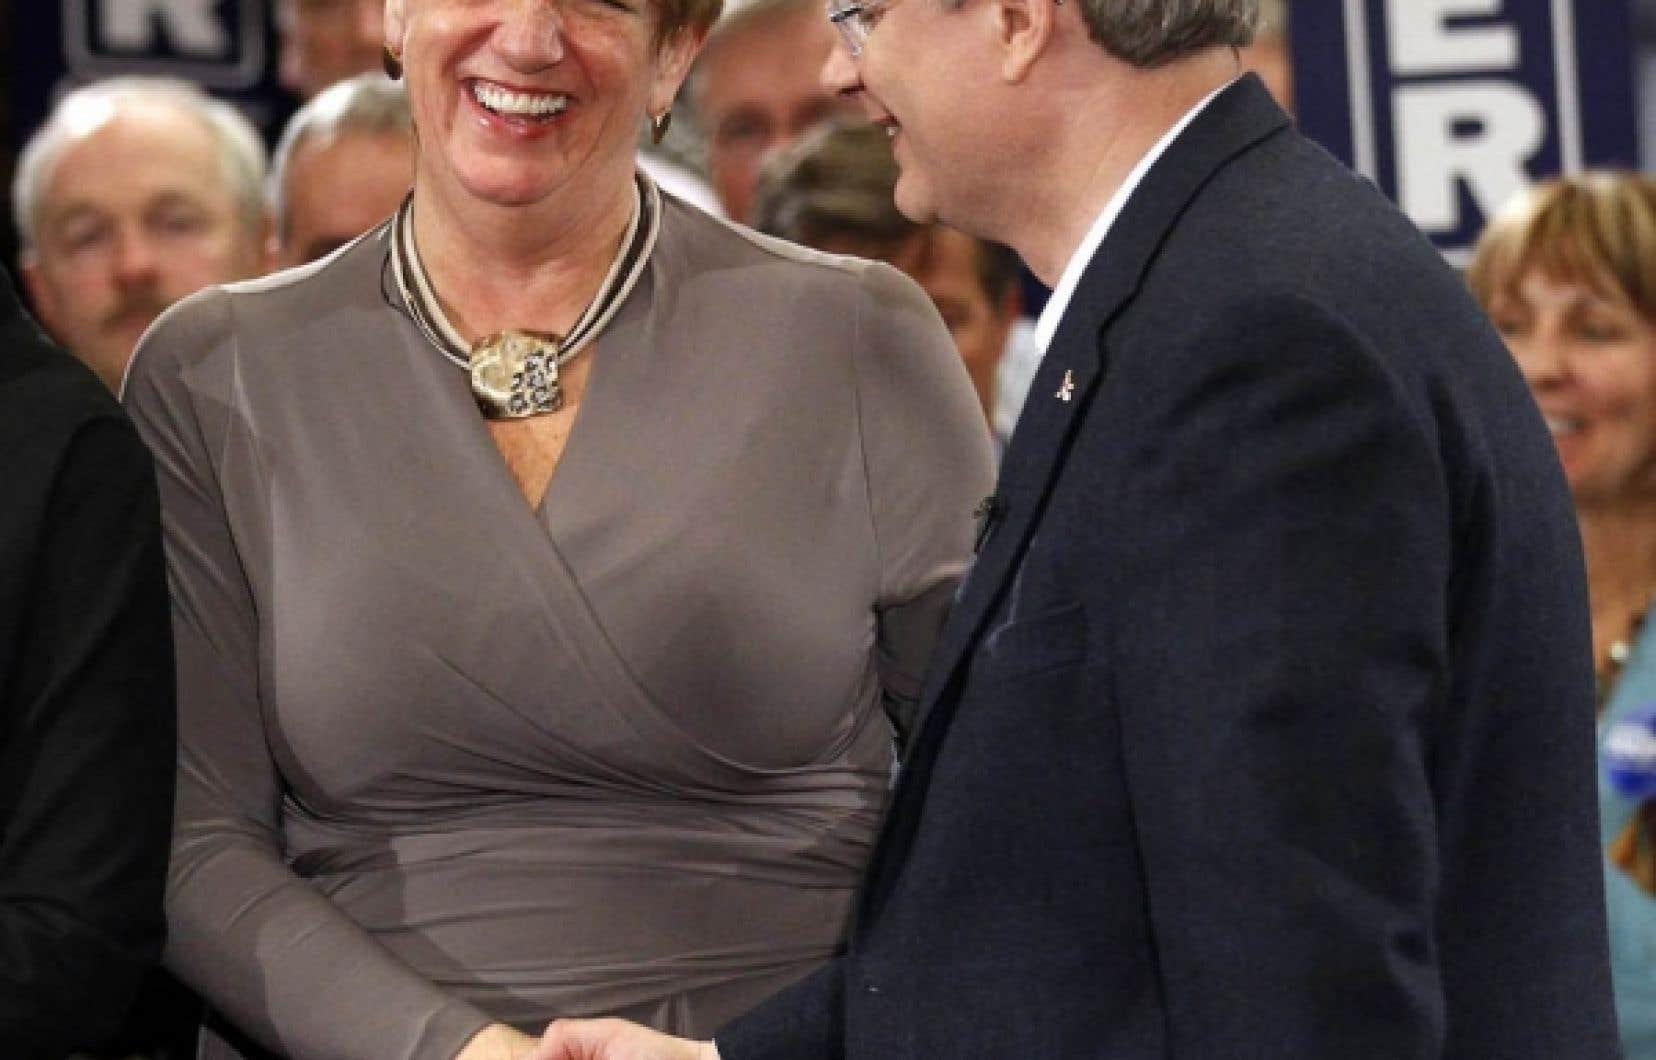 Hier à St. John's, en présence de la première ministre de Terre-Neuve, Kathy Dunderdale, Stephen Harper a fait cette annonce lors d'une assemblée de partisans.